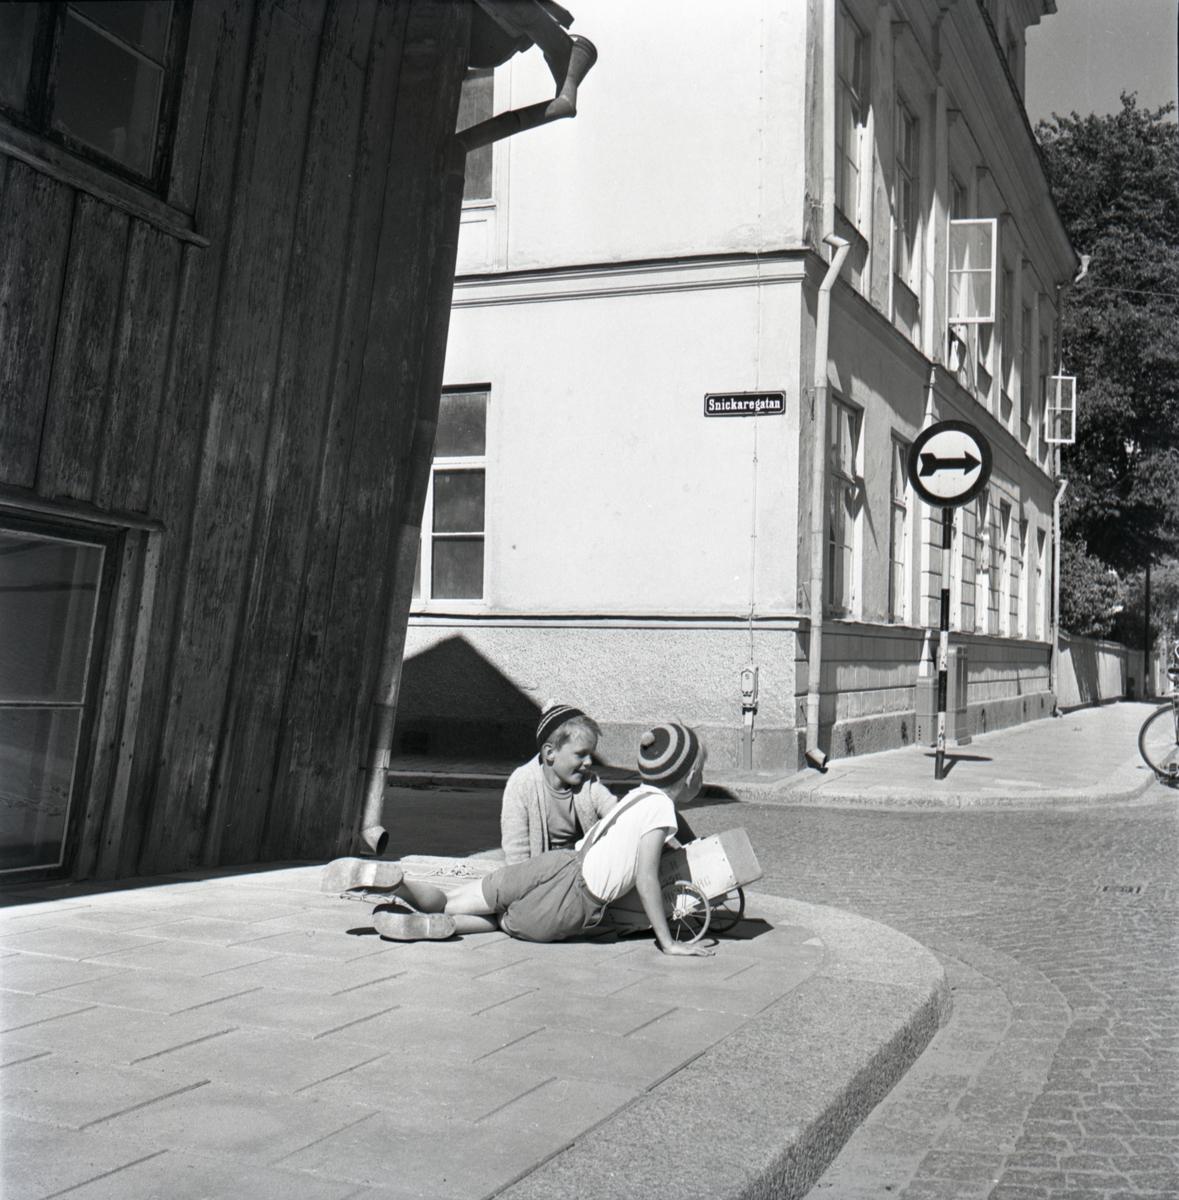 Barn leker på trottoaren vid korsningen Nygatan/Snickaregatan.